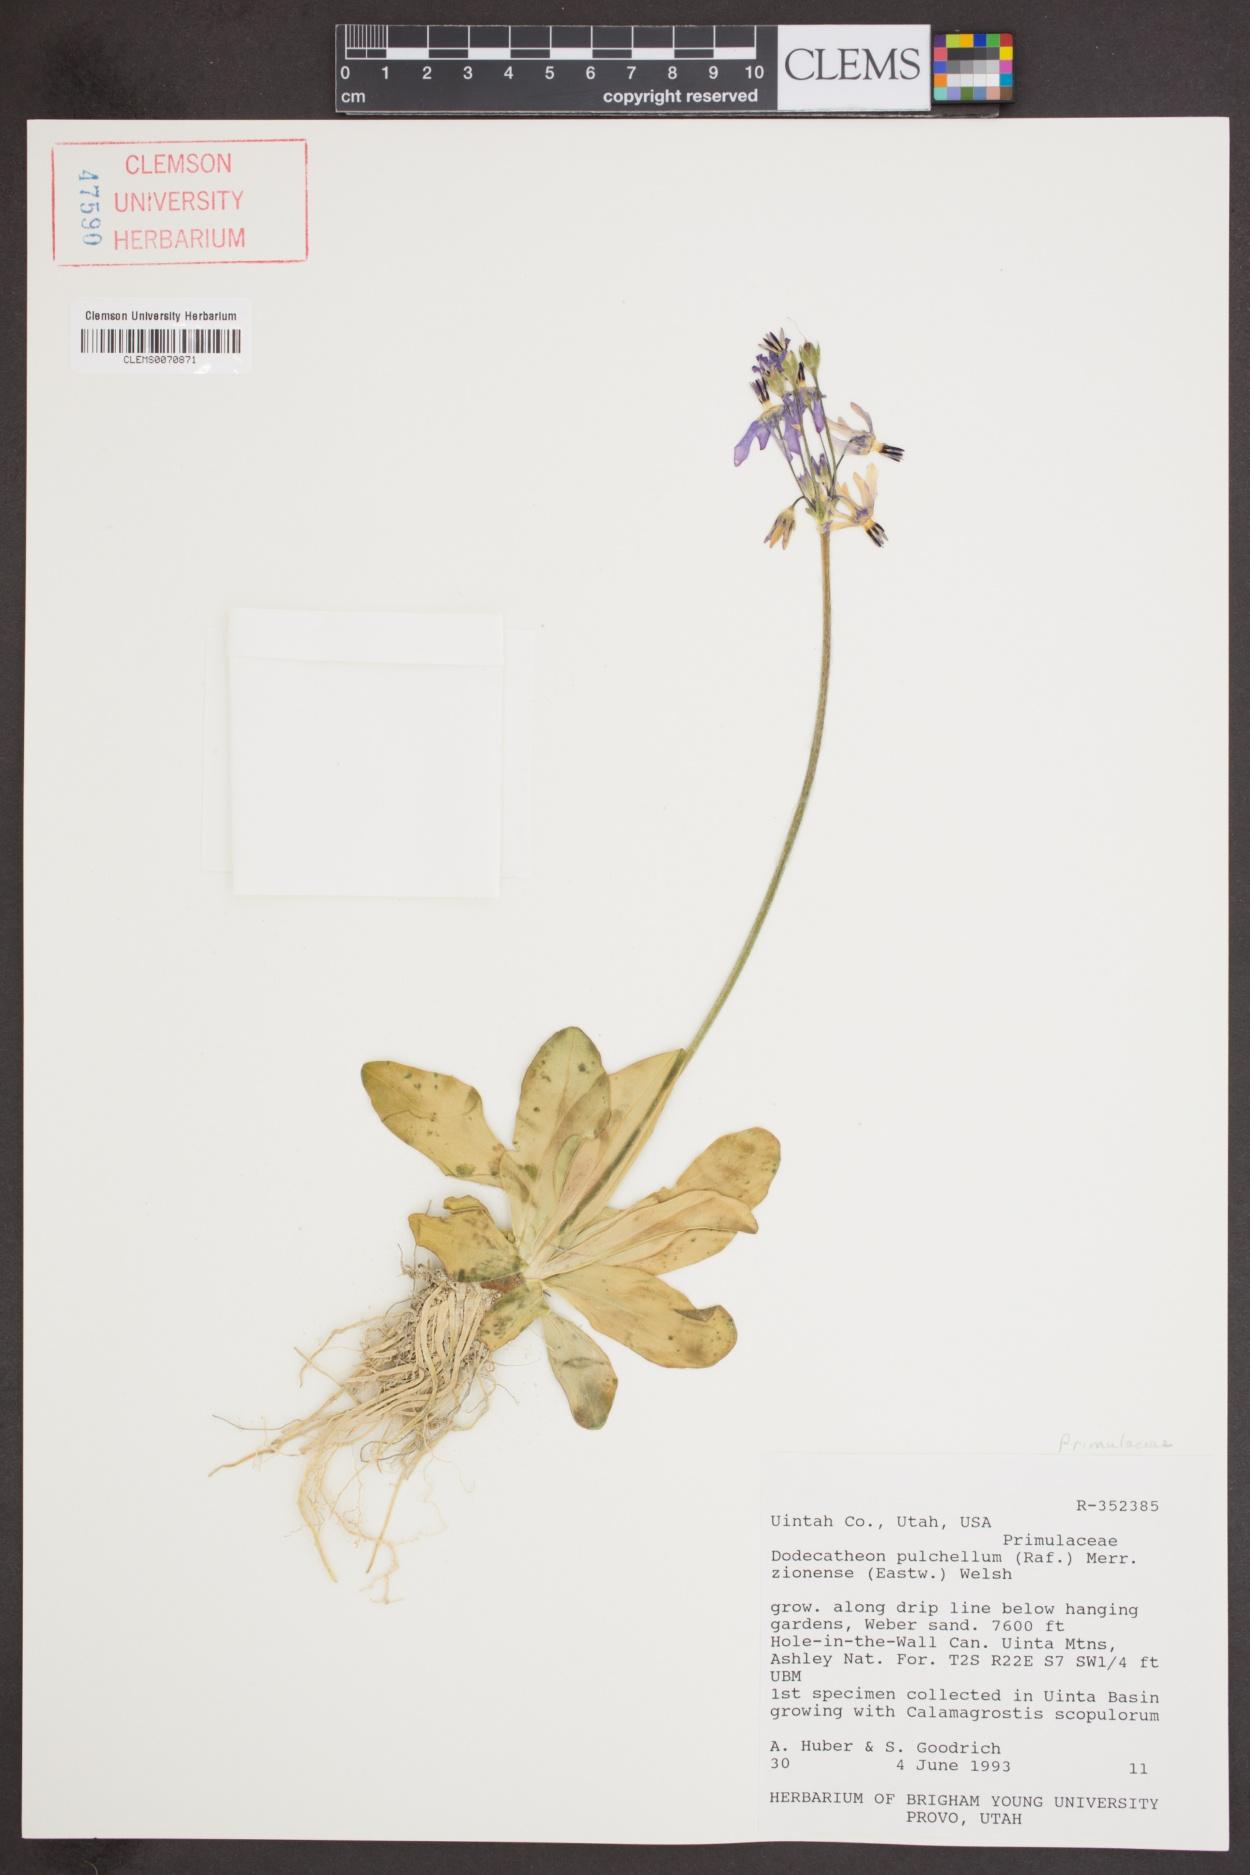 Primula pauciflora var. zionensis image